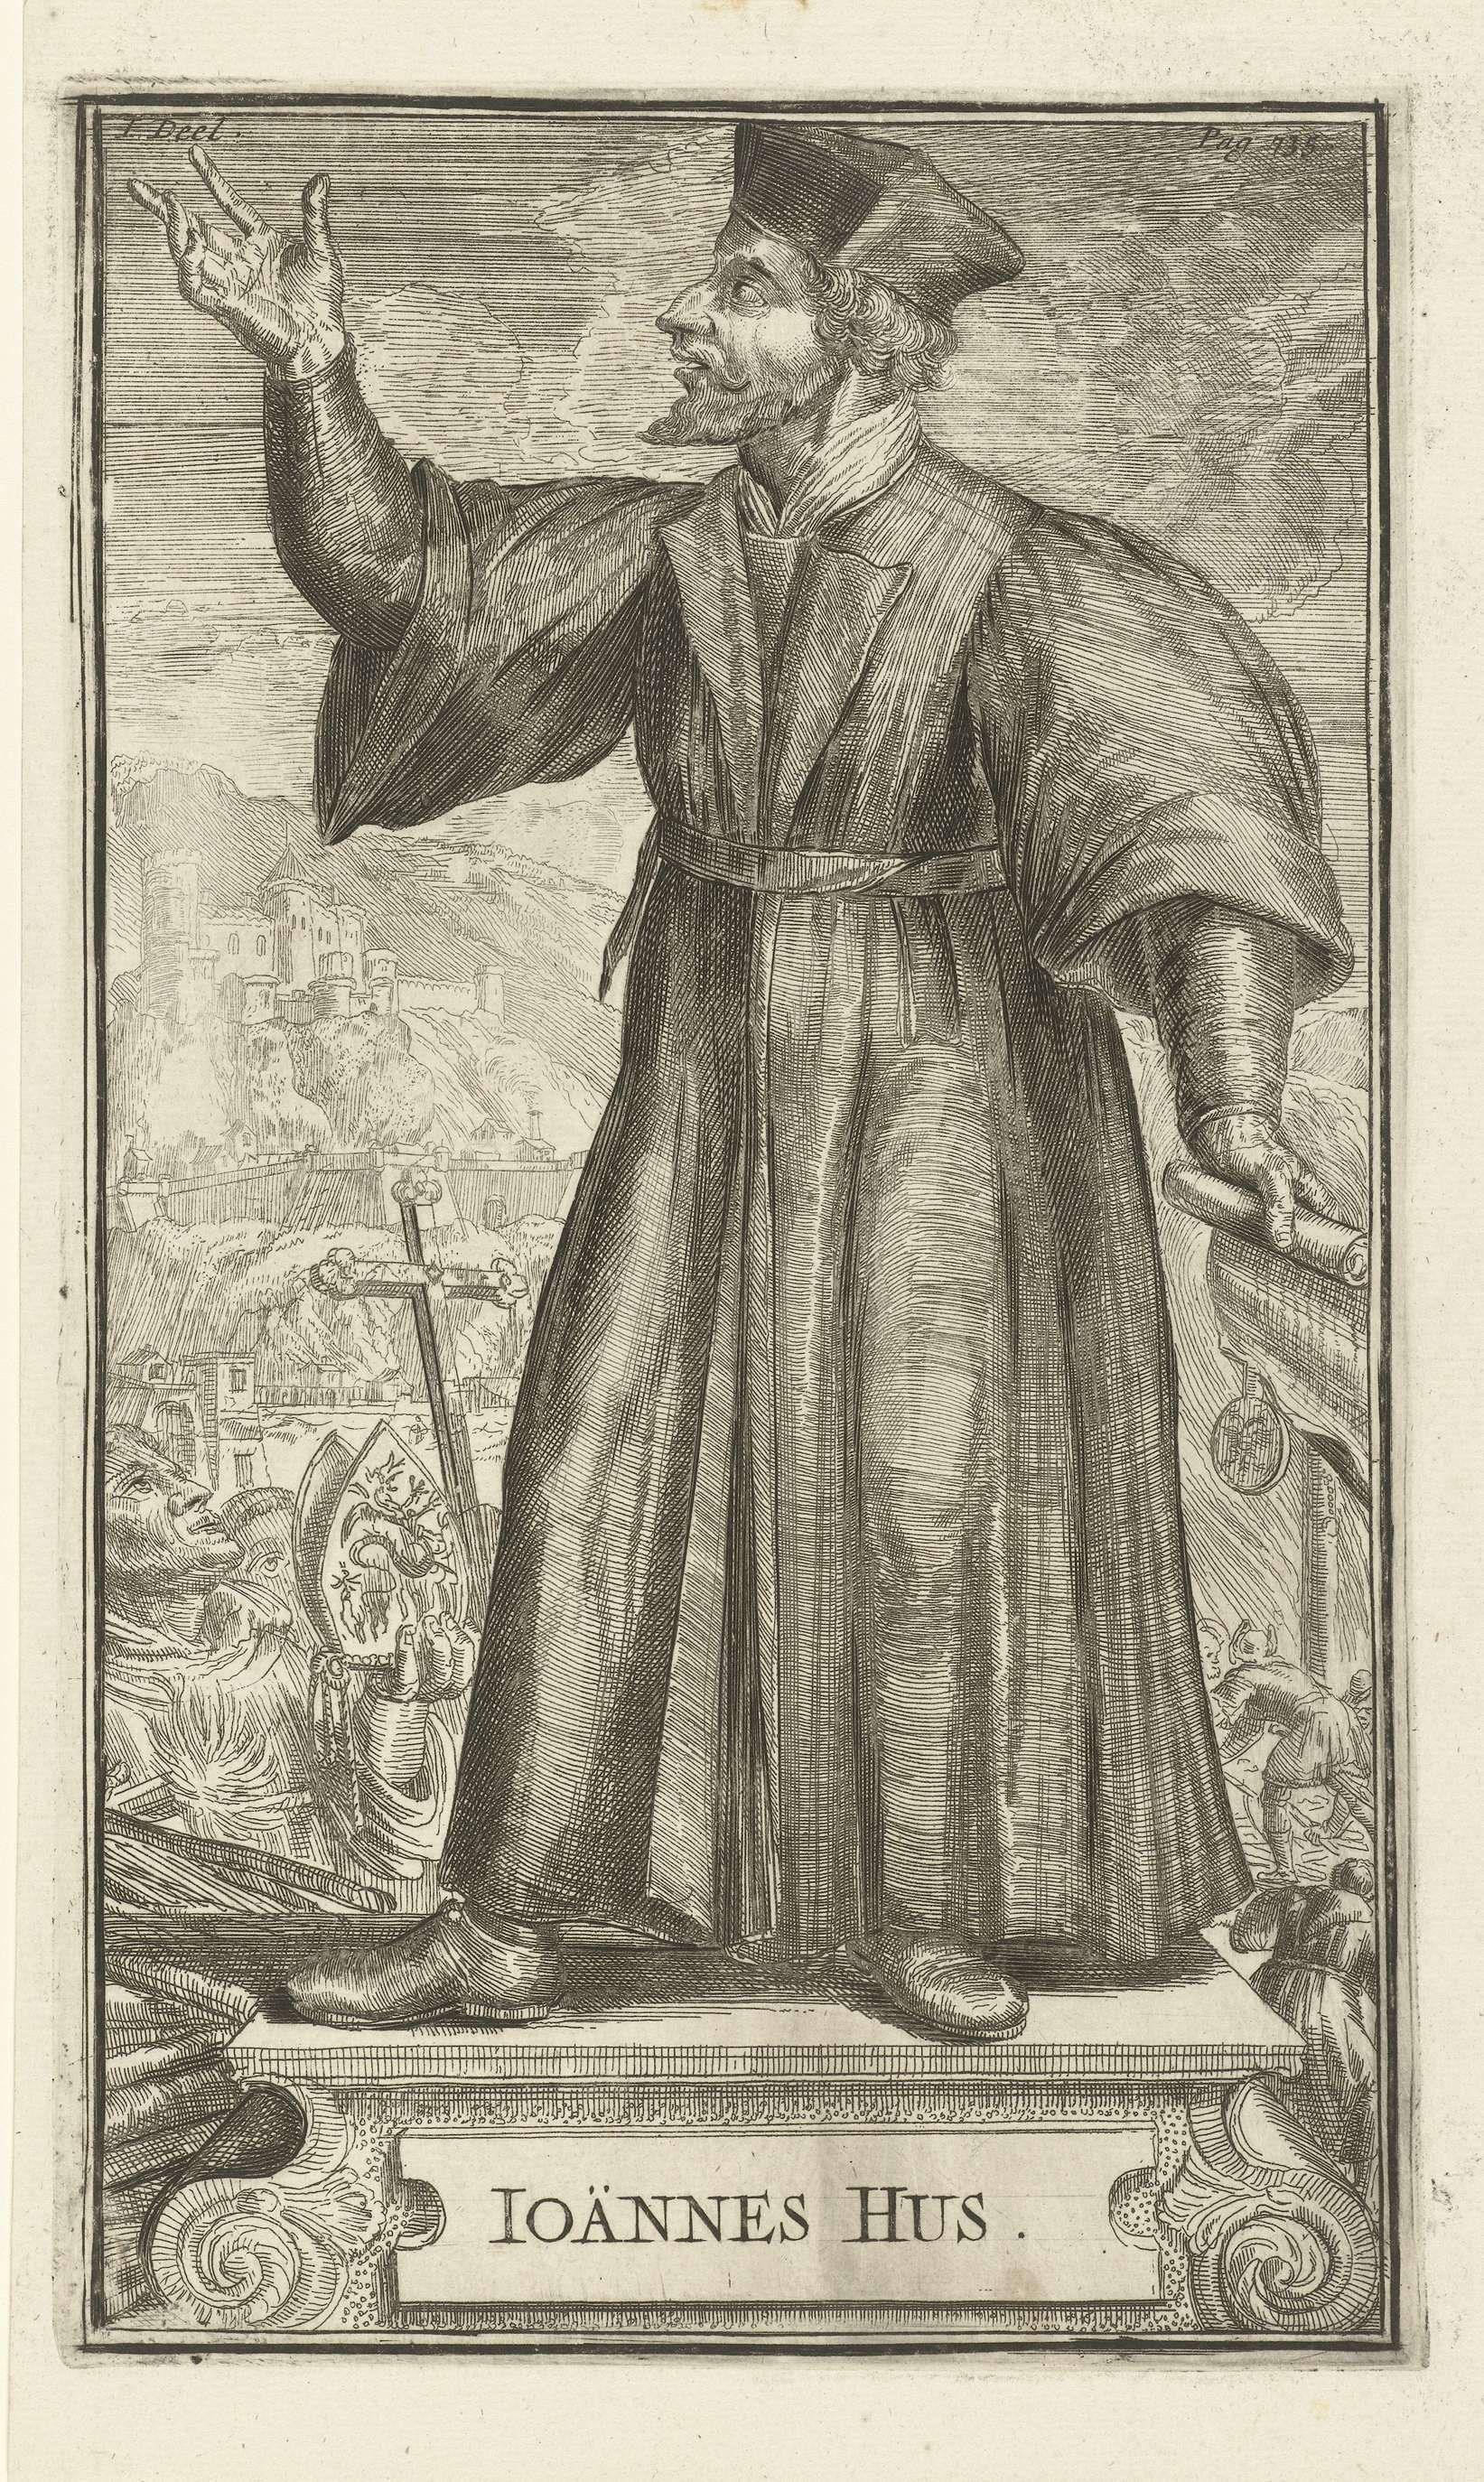 Romeyn de Hooghe | Portret van Johannes Hus, Romeyn de Hooghe, 1701 | Portret van Johannes Hus uit een serie portretten in Historie der Kerken en ketteren van den beginne des Nieuwen Testaments tot aan het jaar onses Heeren 1688 van Godfried Arnold (1701).